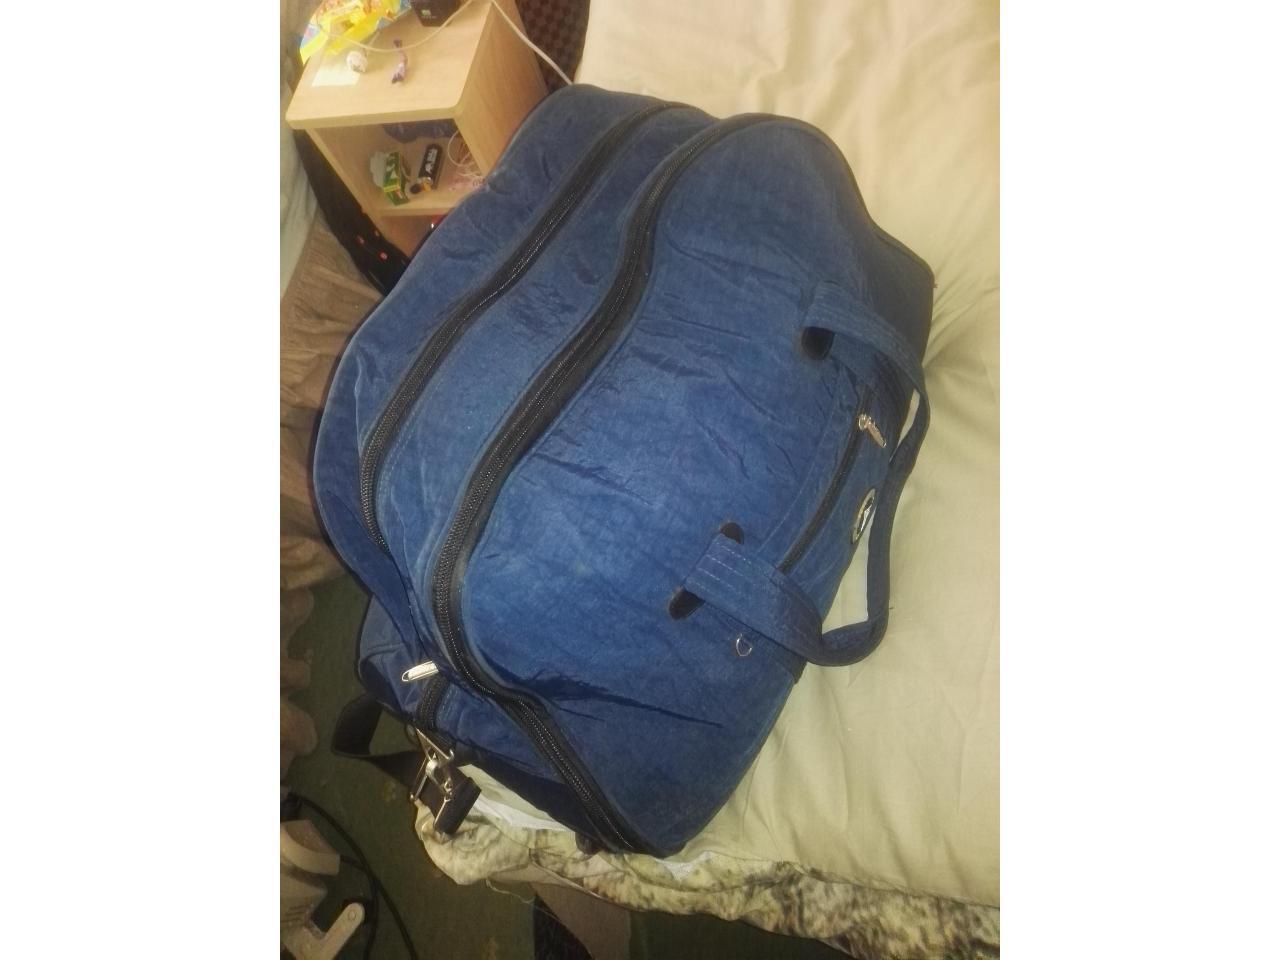 Дорожная сумка- ручная кладь,2 рабочие сапоги, спальный мешок, постельный комплект - 4